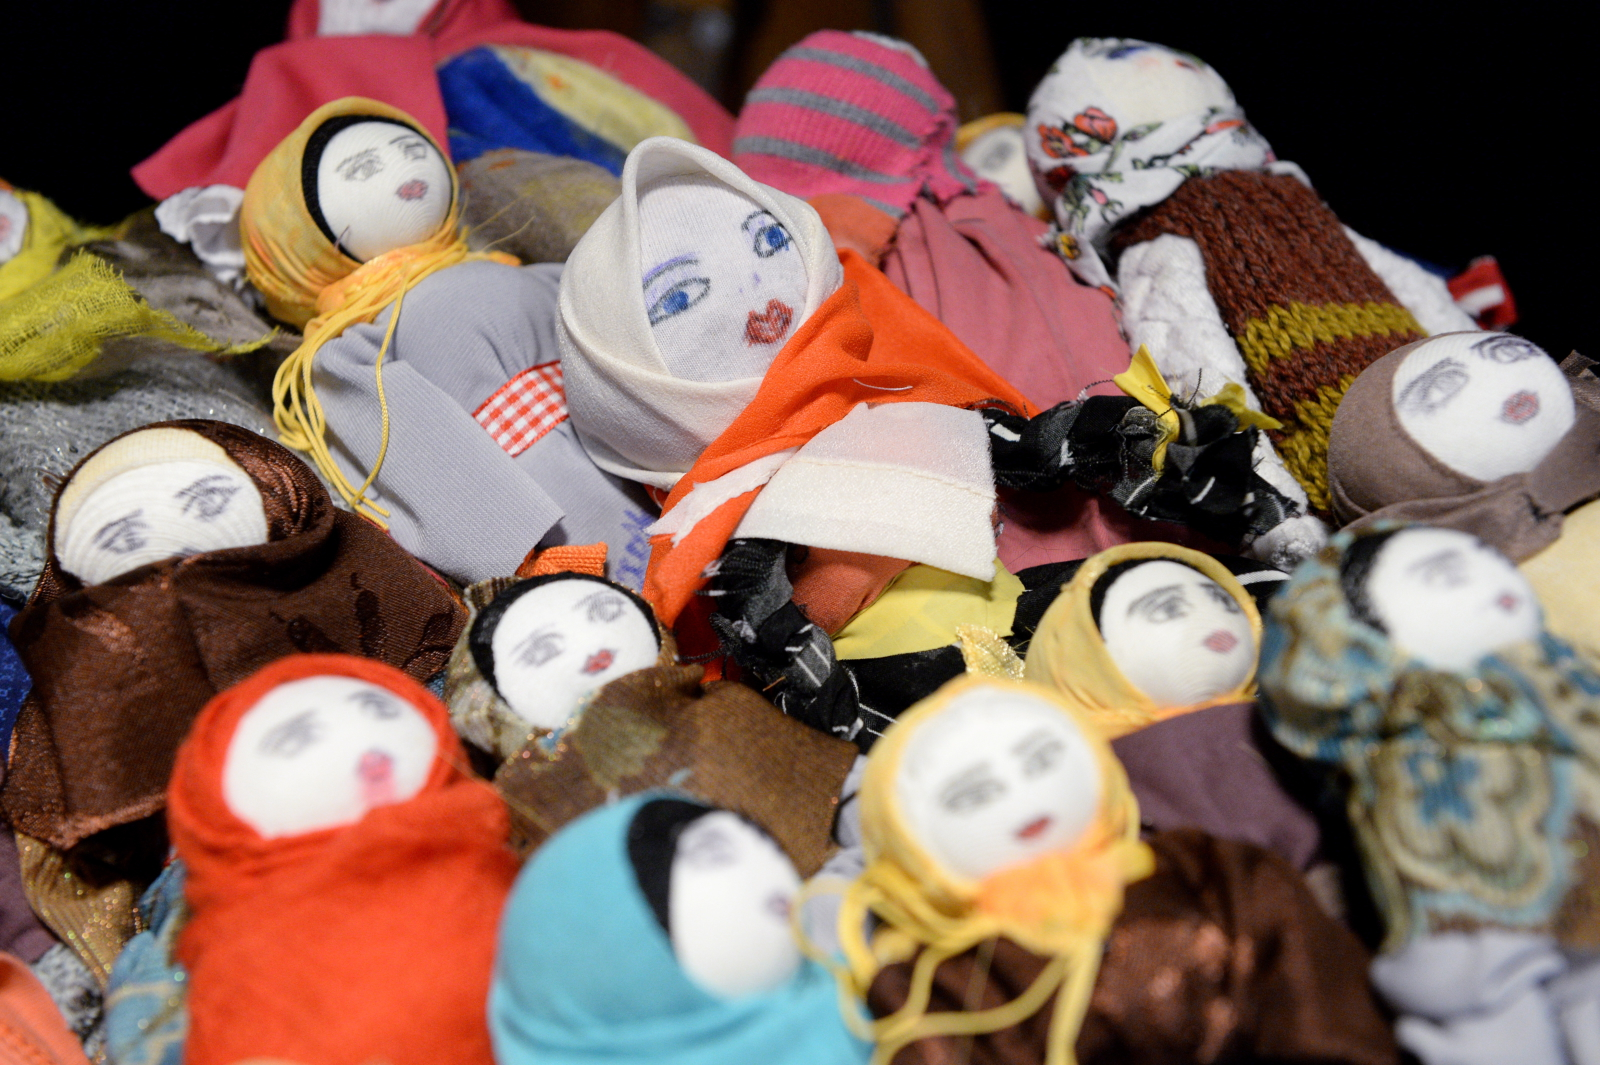 Lalki-muzułmanki sprzedawane w jednej z warszawskich księgarni. Zostały wykonane przez dzieci i ich mamy, które koczują od kilku miesięcy na dworcu w Brześœciu. Wszystkie pieniądze ze sprzedaży lalek będą przeznaczone na pomoc czeczeńskim rodzinom z dworca w Brzeœściu. Fot. PAP/Jacek Turczyk